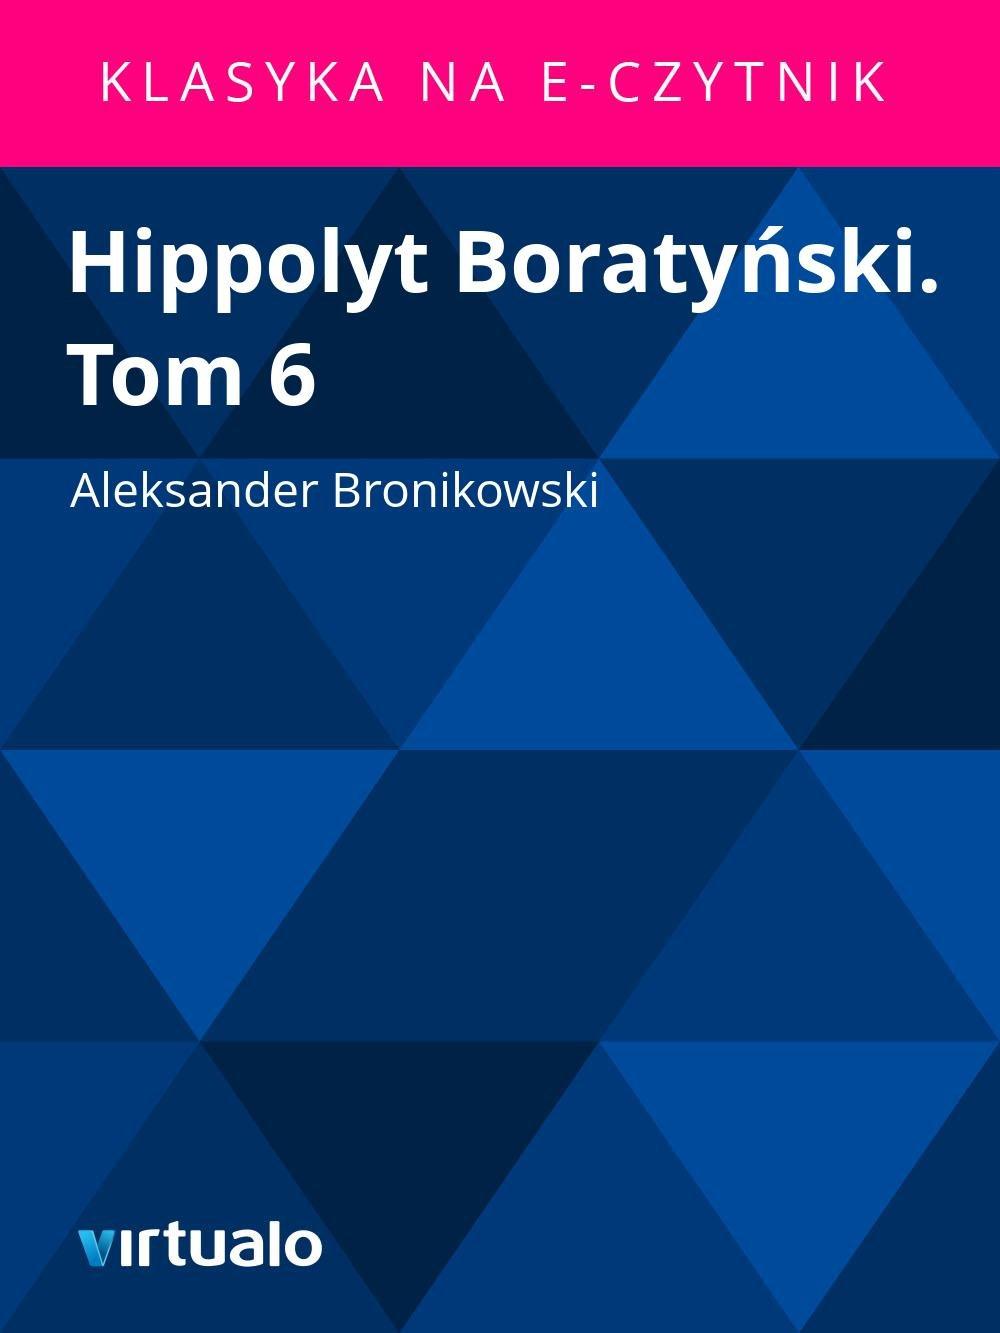 Hippolyt Boratyński. Tom 6 - Ebook (Książka EPUB) do pobrania w formacie EPUB